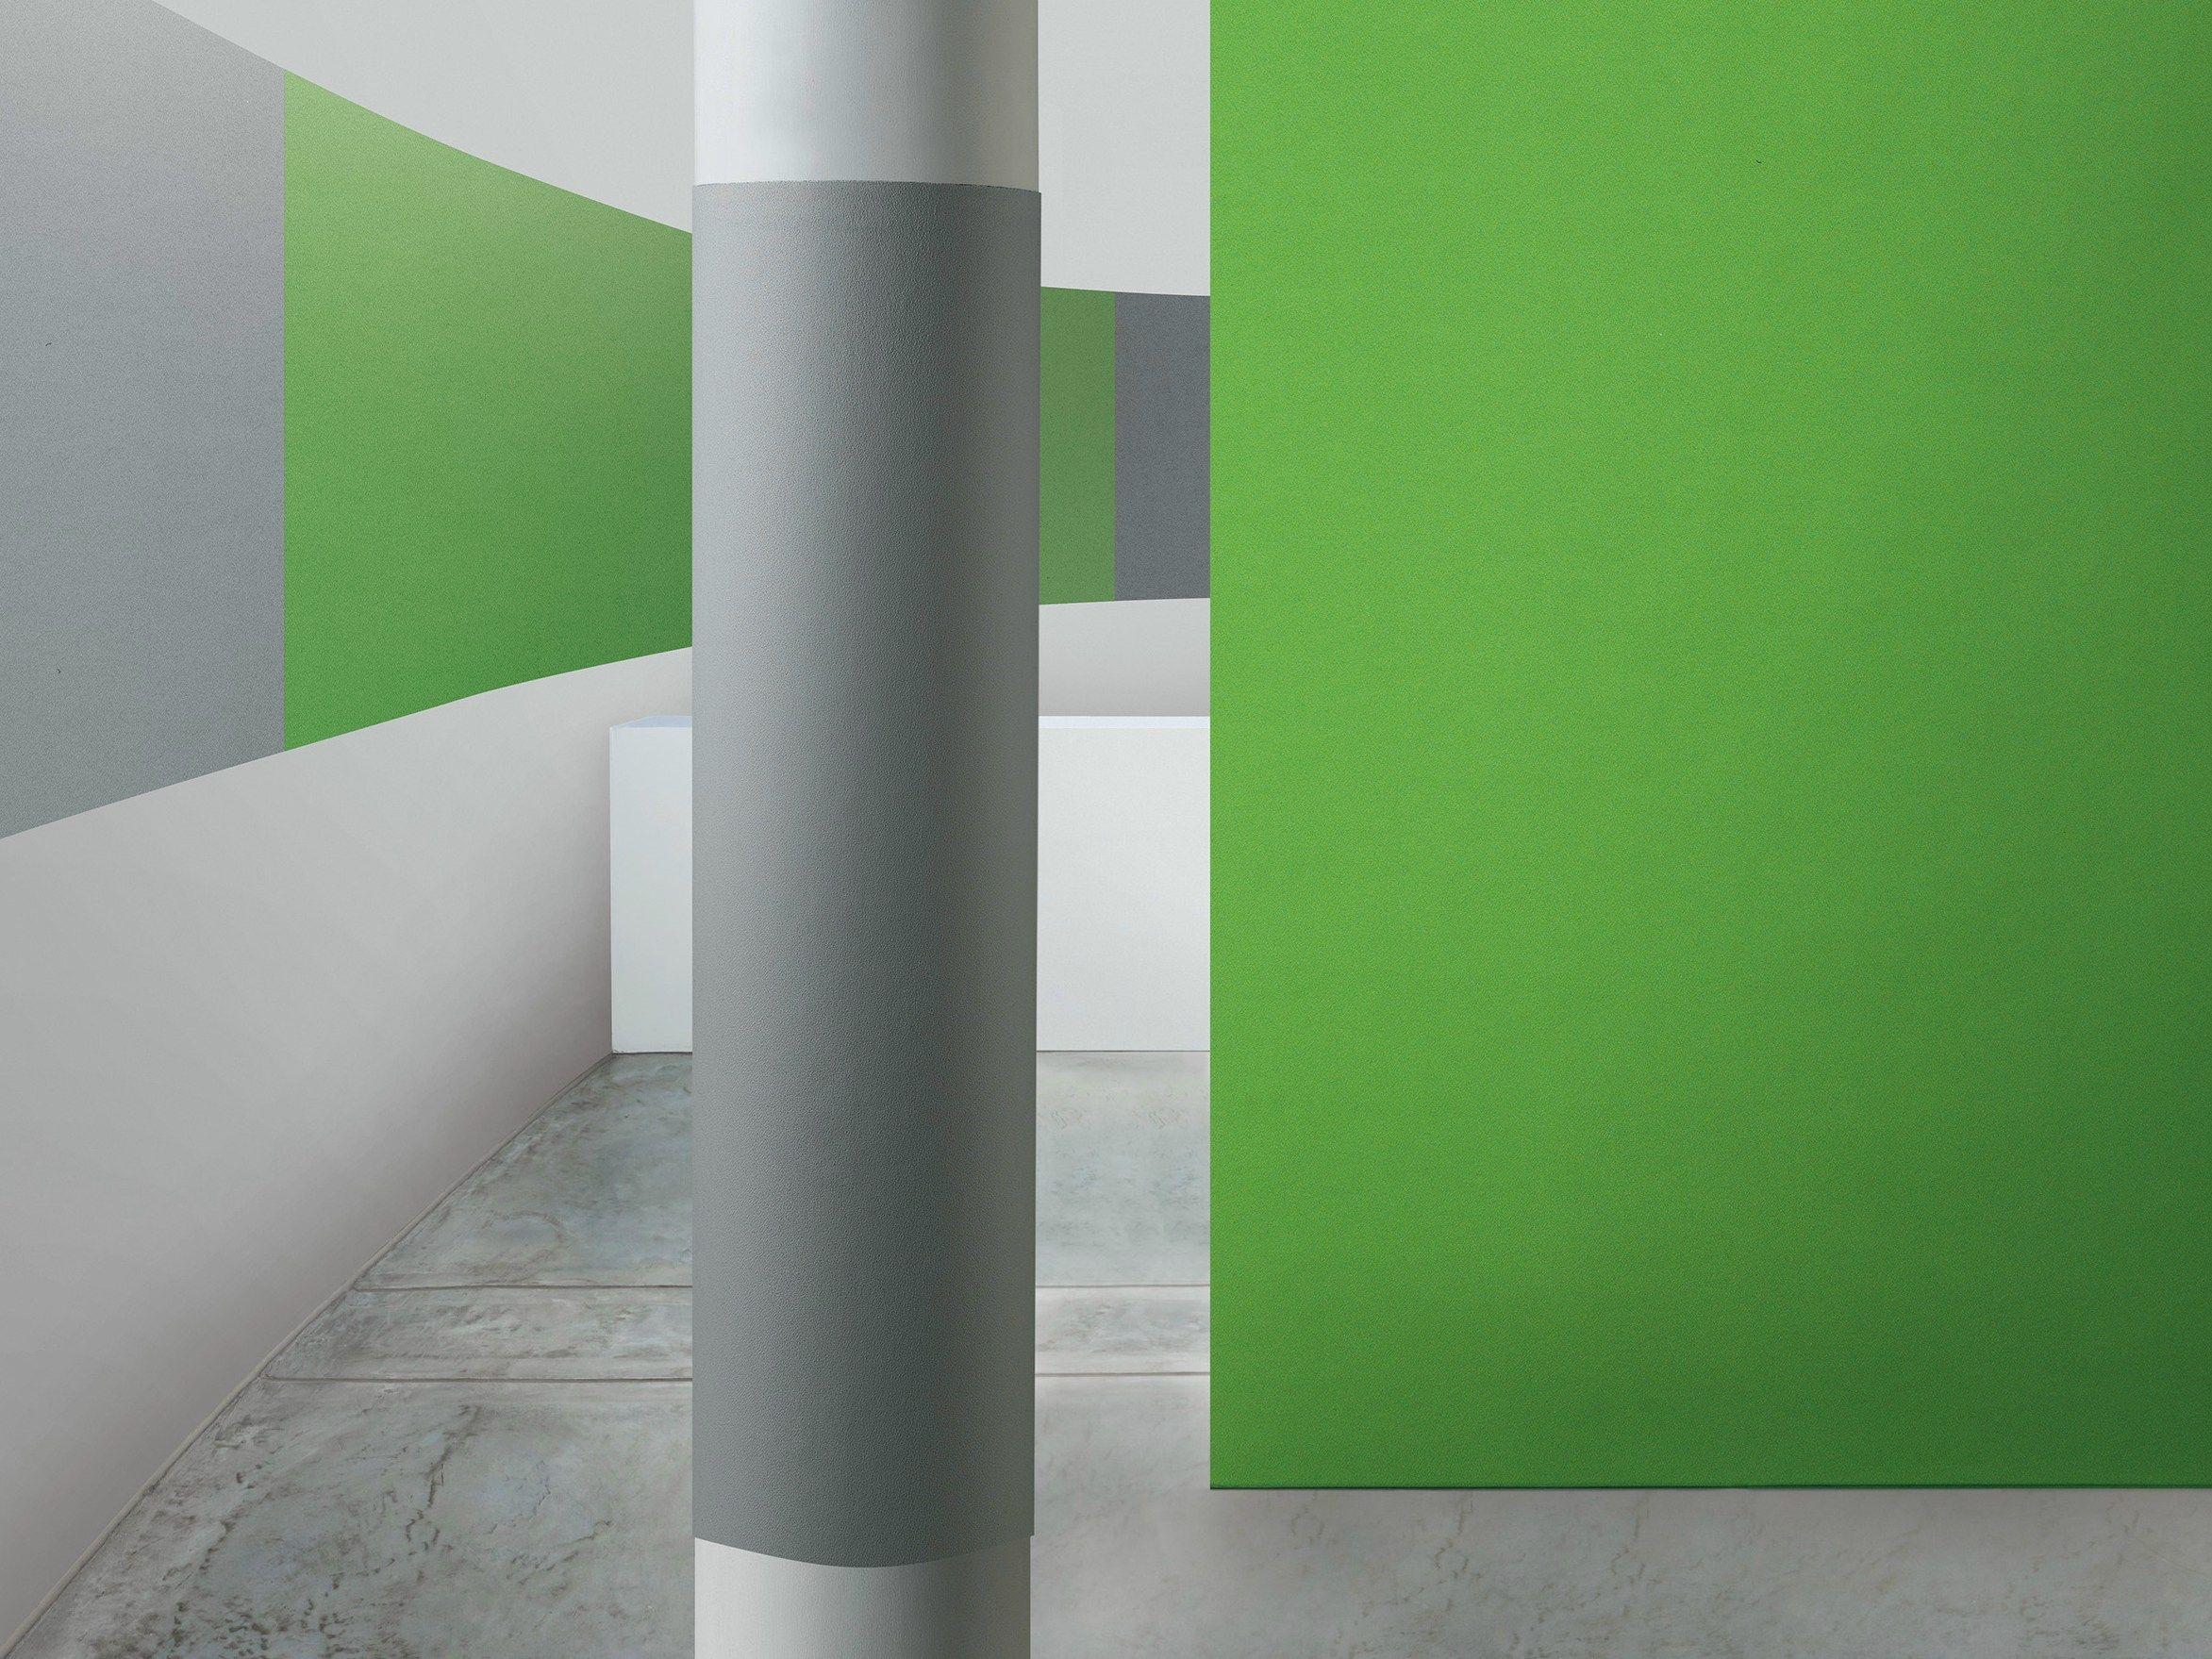 Panneaux acoustiques design for Panneaux decoratifs